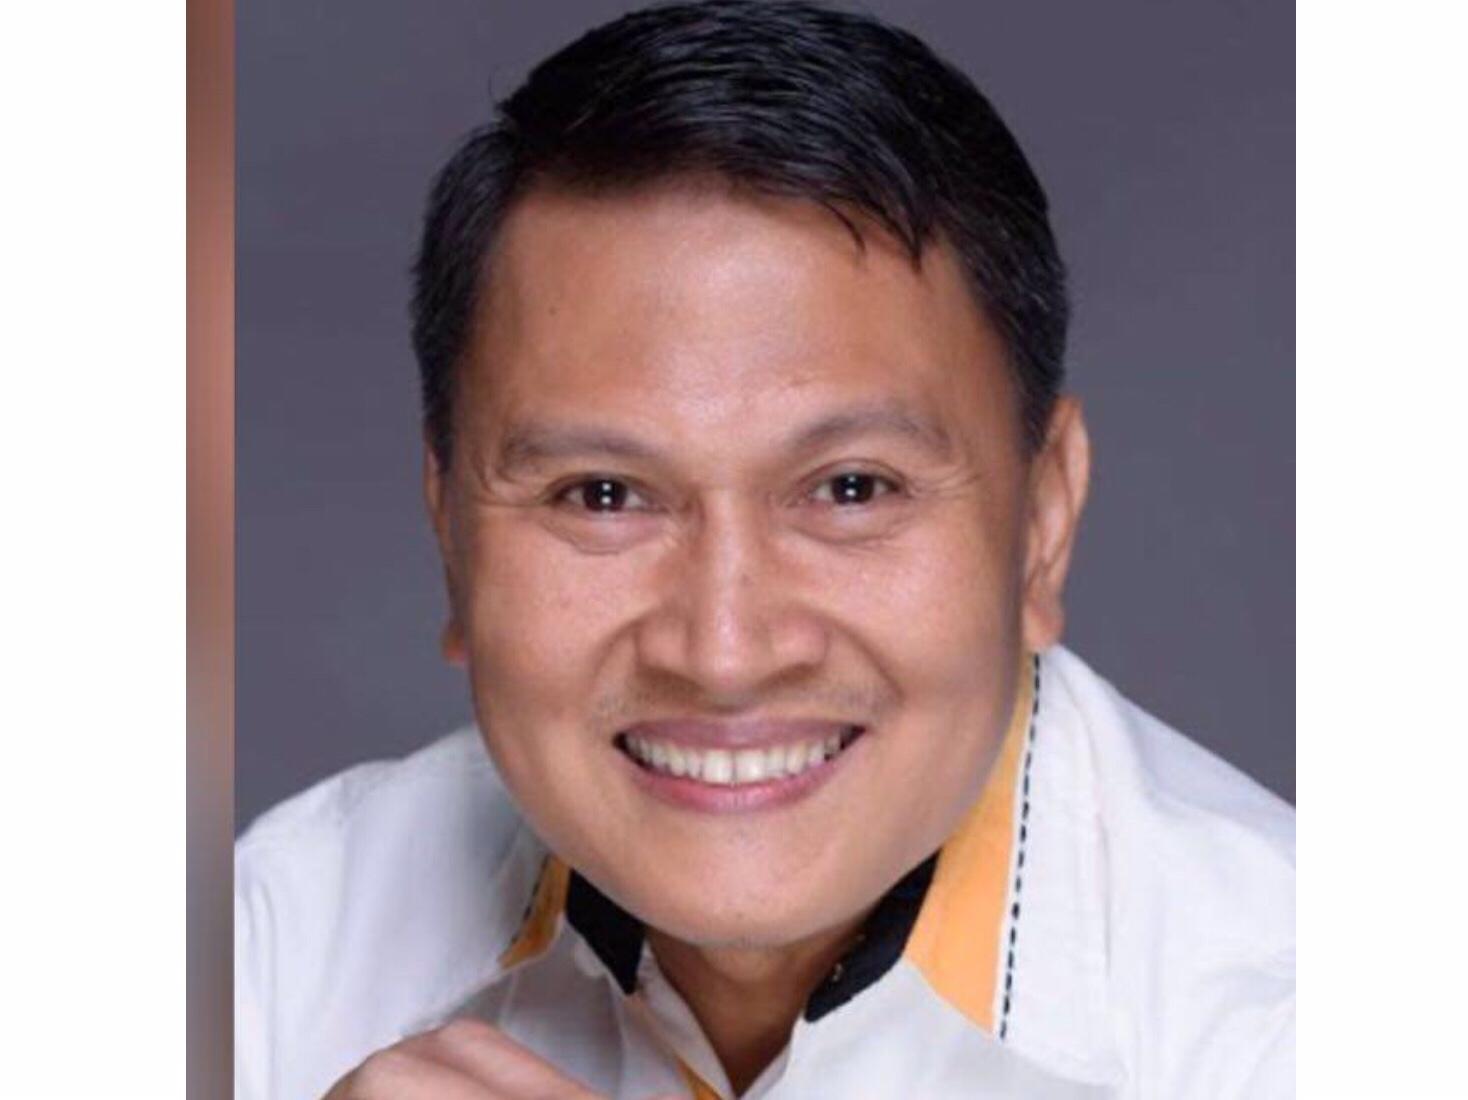 FKMJ Usulkan Mardani Atau Boy Sadikin Yang Pantas Menggantikan Sandiaga Uno Jadi Wagub DKI